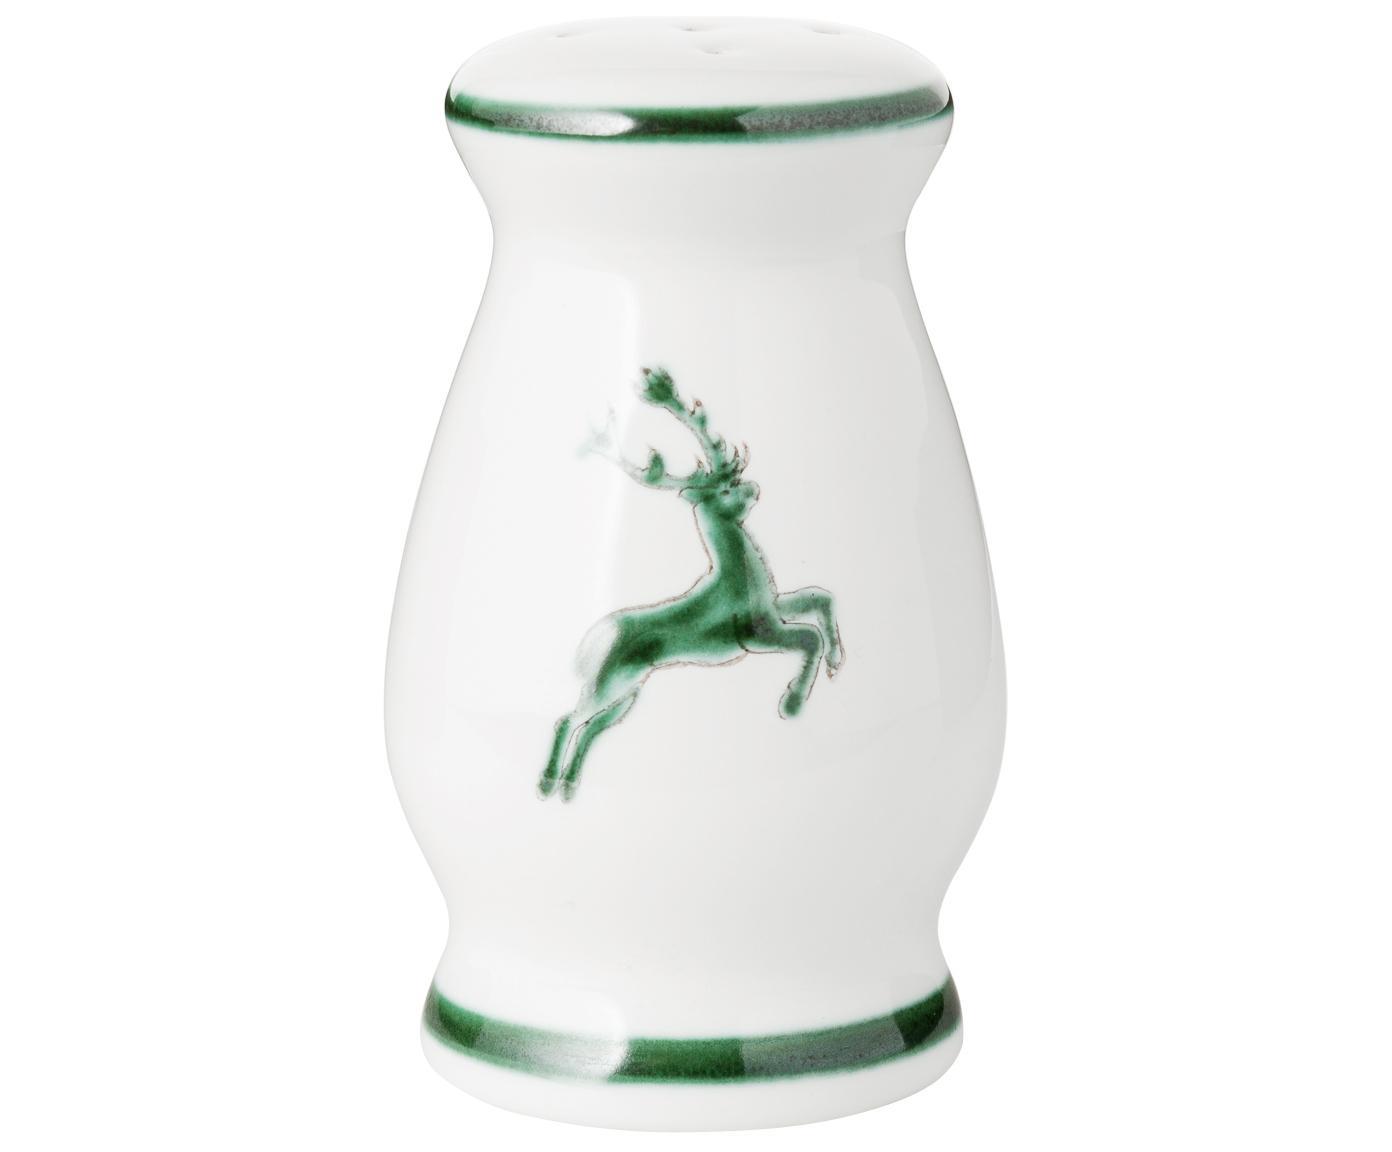 Ręcznie malowana solniczka Gourmet Grüner Hirsch, Ceramika, Zielony, biały, 9 cm